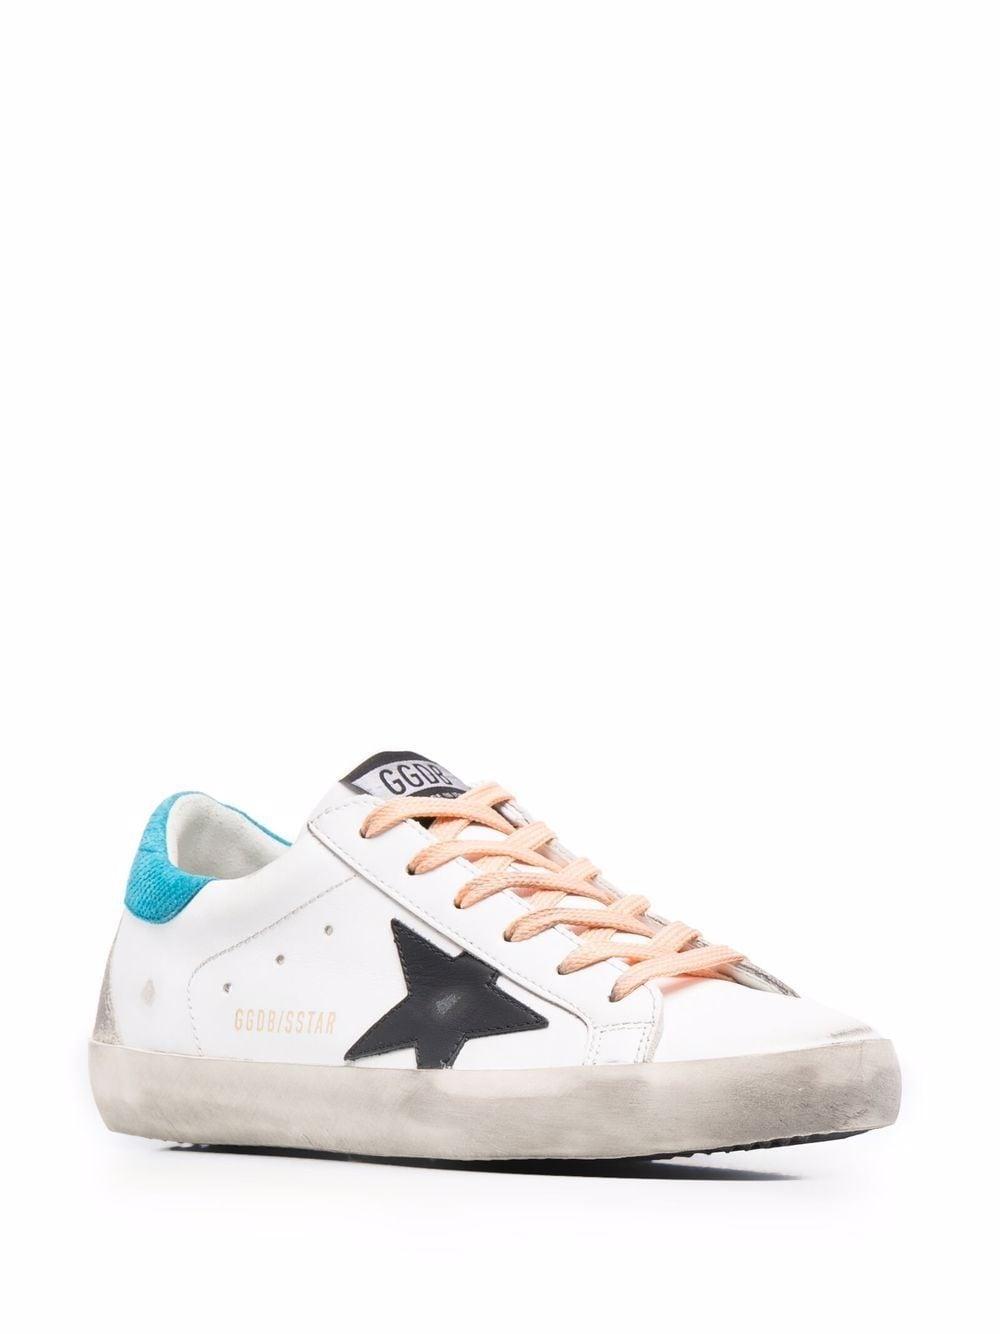 Picture of Golden Goose Deluxe Brand | Superstar Low-Top Sneakers